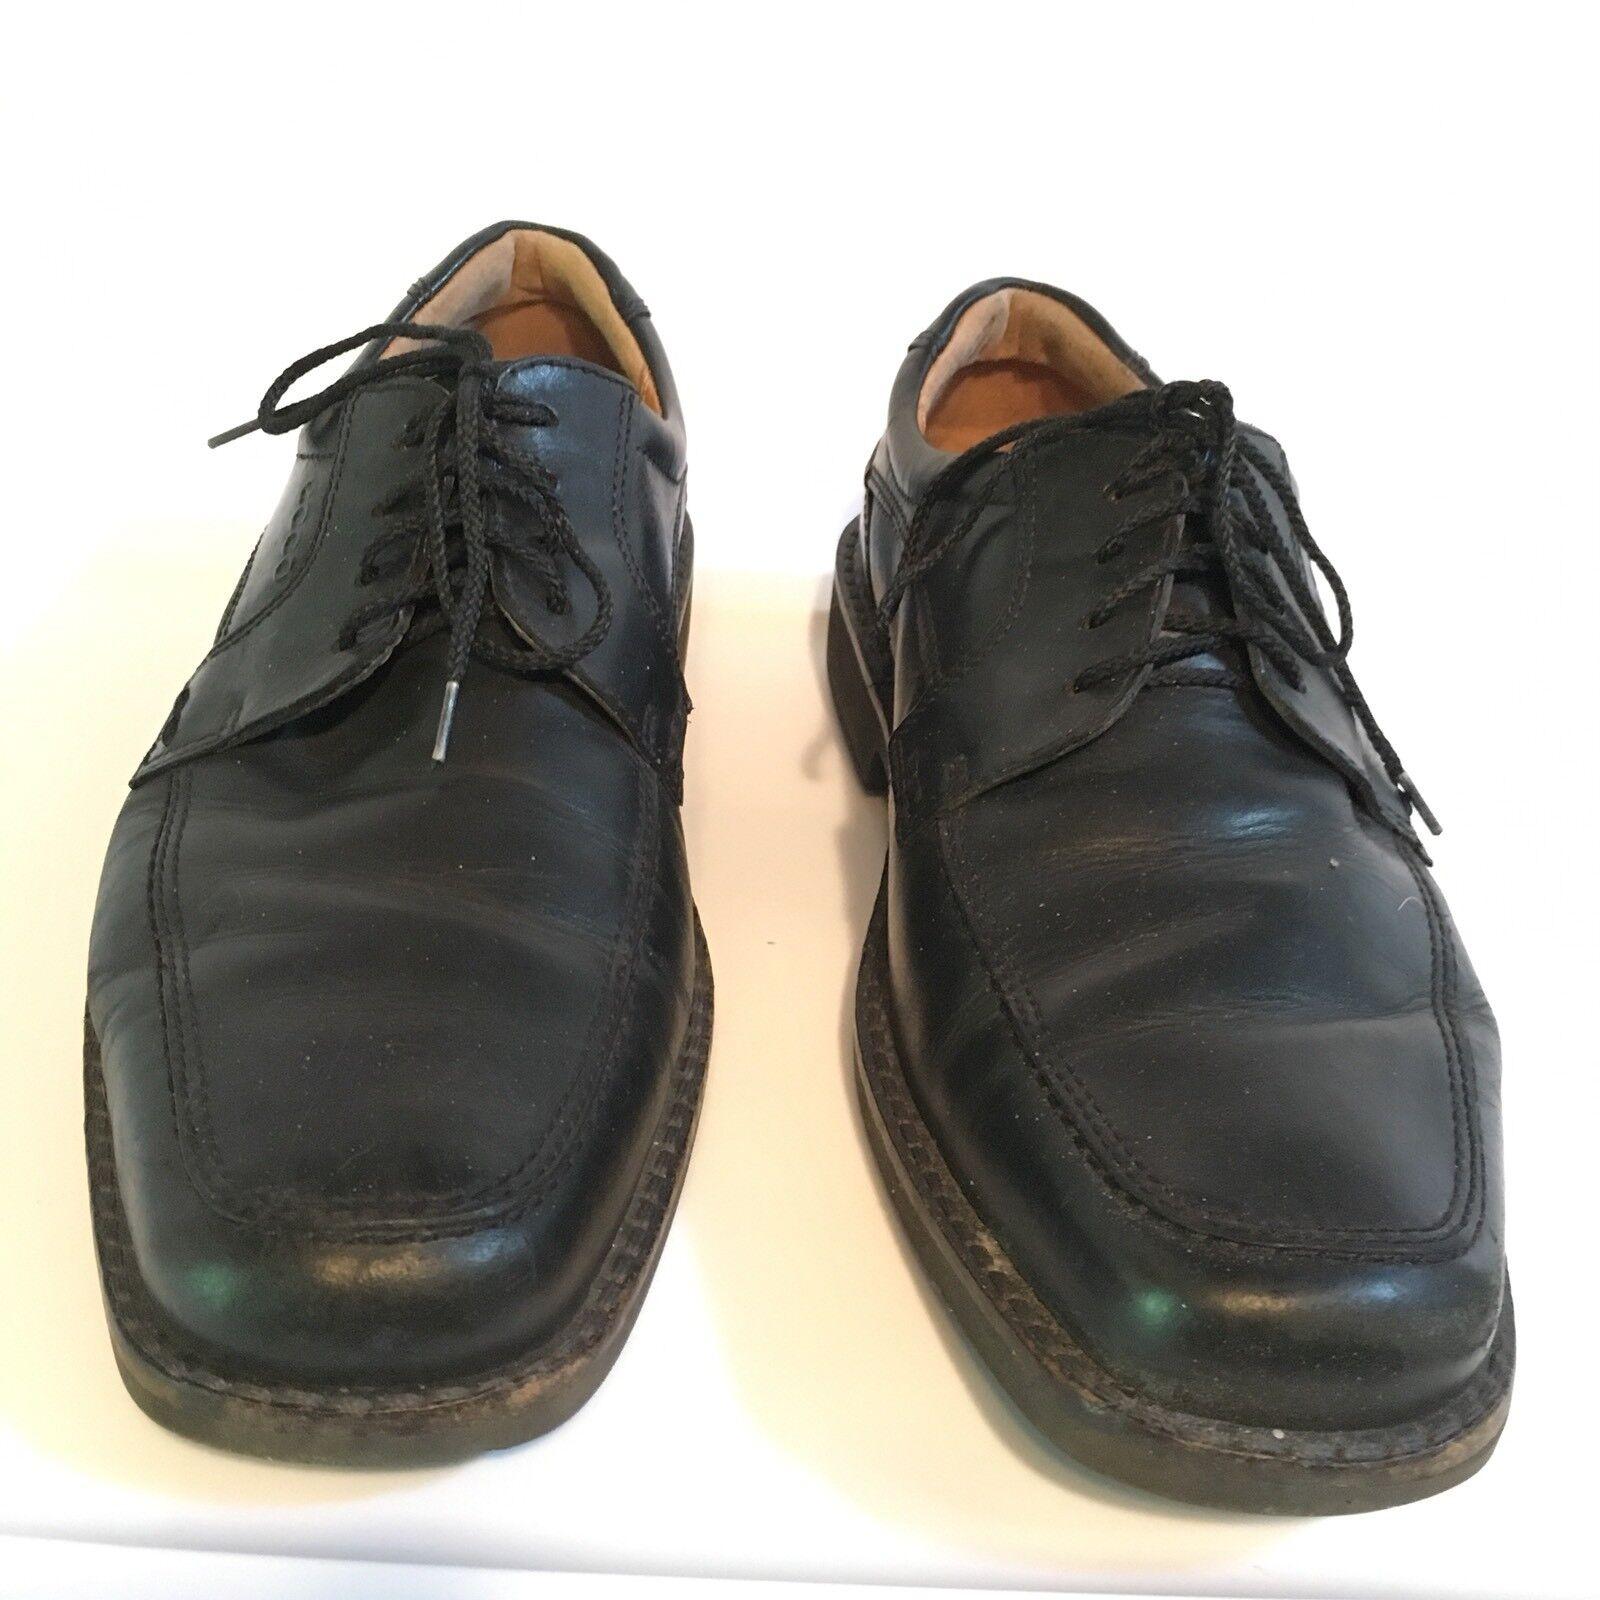 ECCO Men's Leather Lace Up Oxford Dress scarpe Dimensione 11 nero